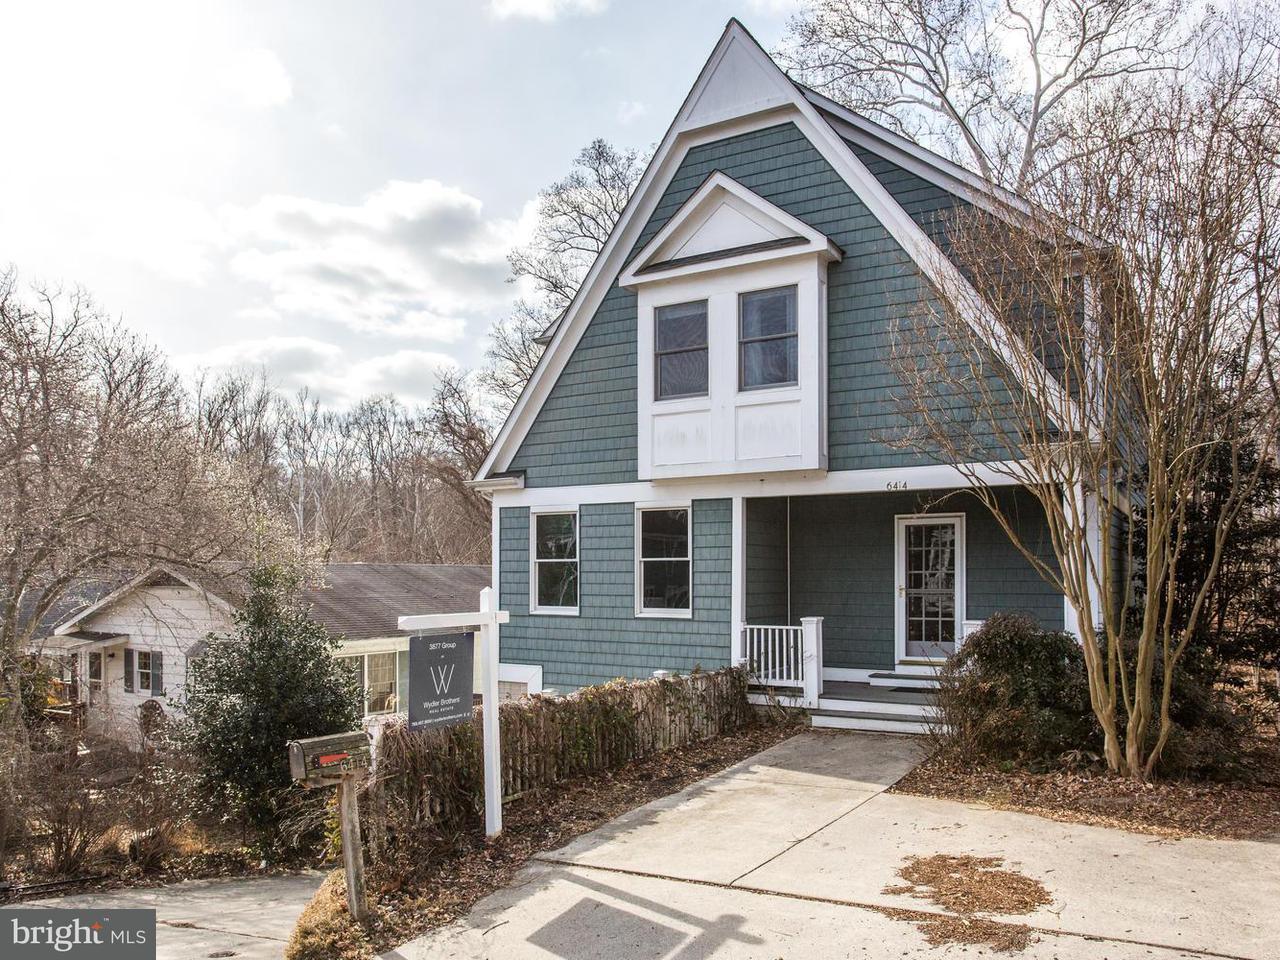 Частный односемейный дом для того Продажа на 6414 83rd Place 6414 83rd Place Cabin John, Мэриленд 20818 Соединенные Штаты